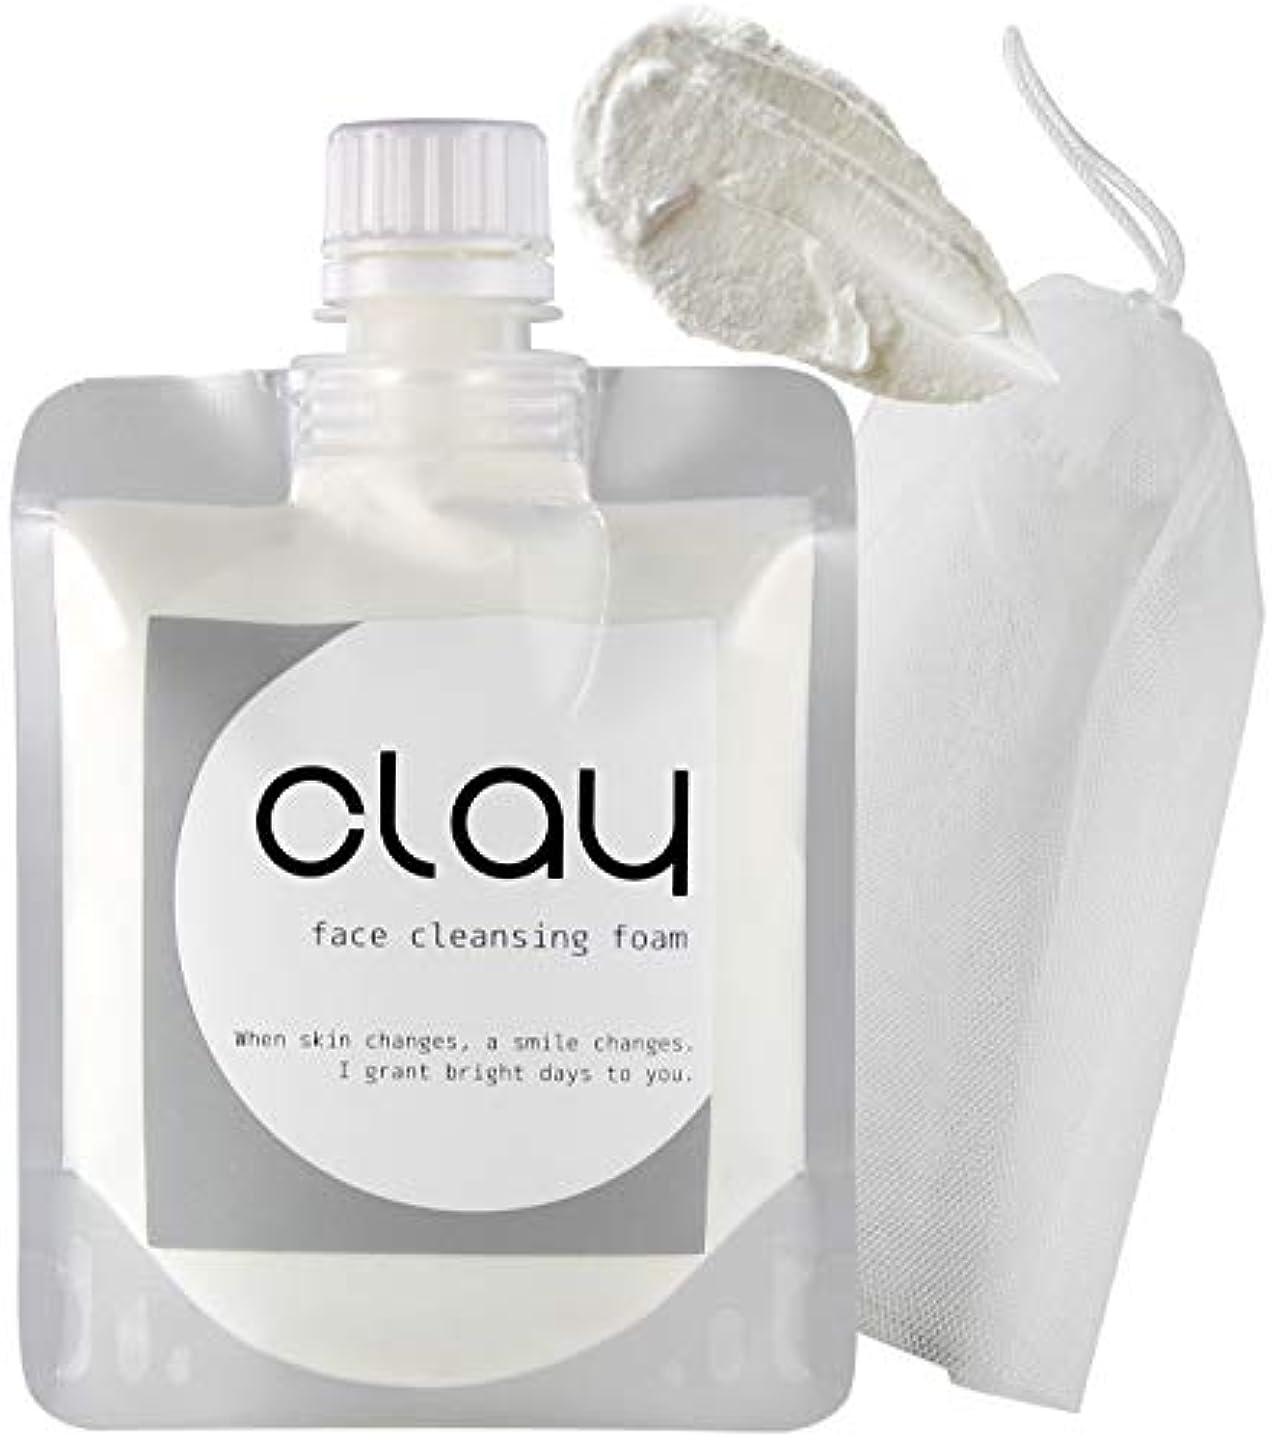 り単位控えめなSTAR'S クレイ 泥 洗顔 オーガニック 【 毛穴 黒ずみ 開き ザラ付き 用】「 泡 ネット 付き」 40種類の植物エキス 16種類の美容成分 9つの無添加 透明感 柔肌 130g (Clay)